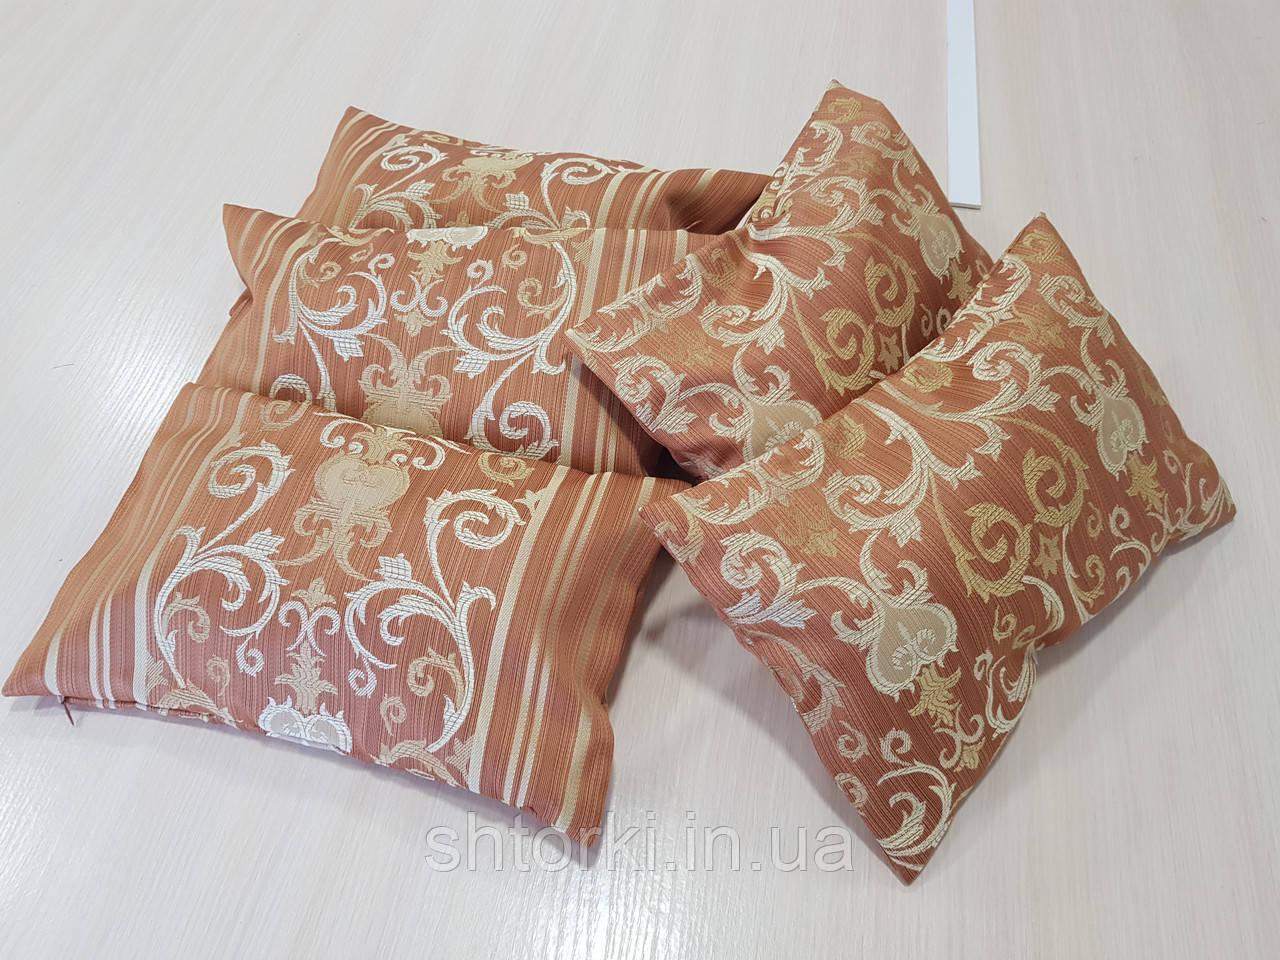 Комплект подушек NANCY коричневые,5шт